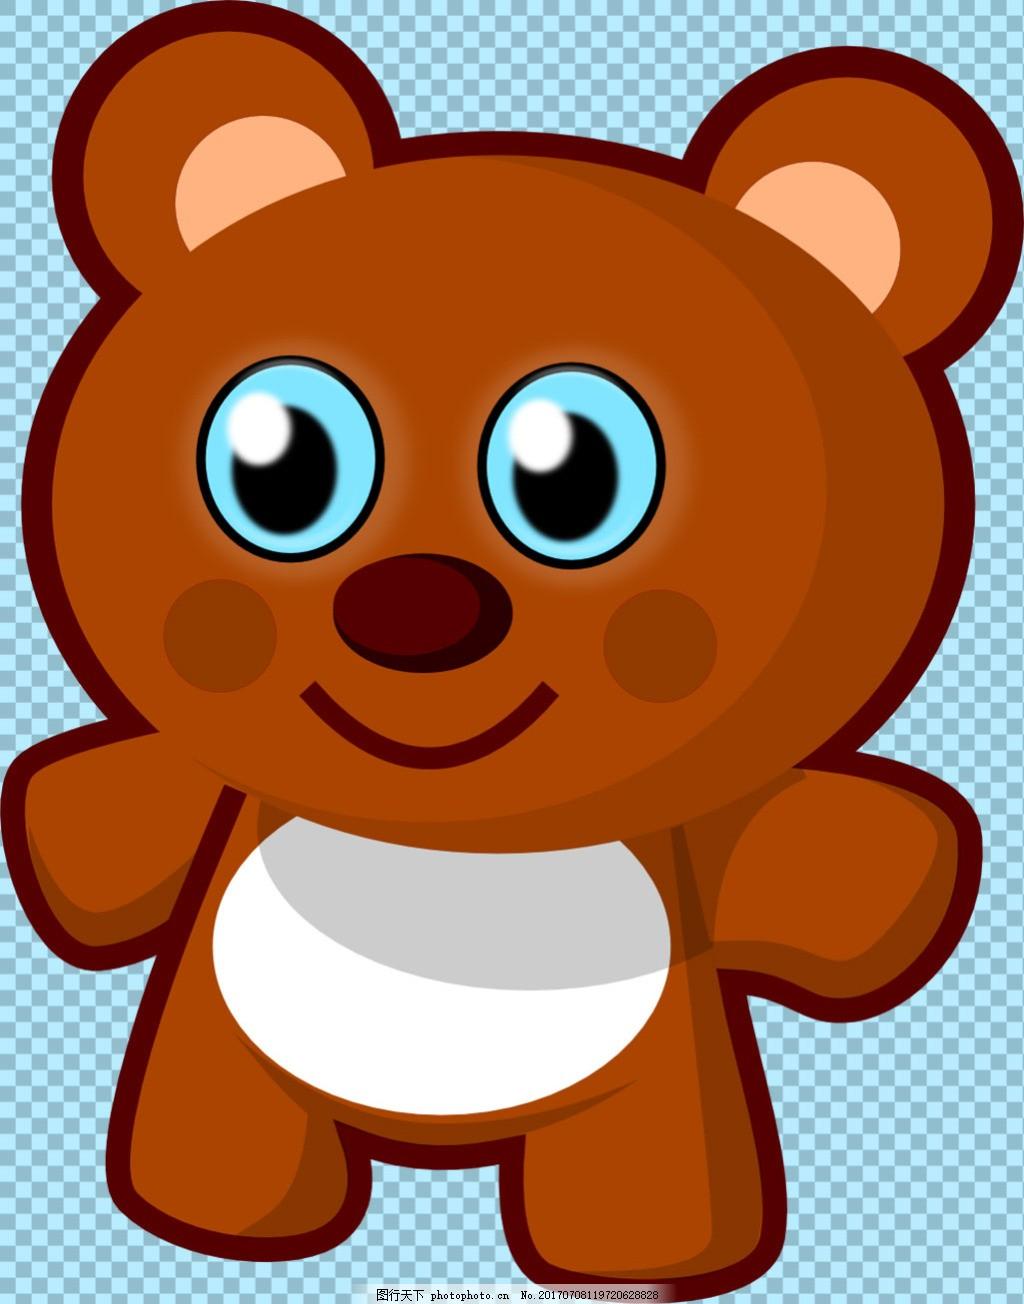 可爱手绘卡通熊图片免抠png透明图层素材 动物图片大全 可爱动物图片